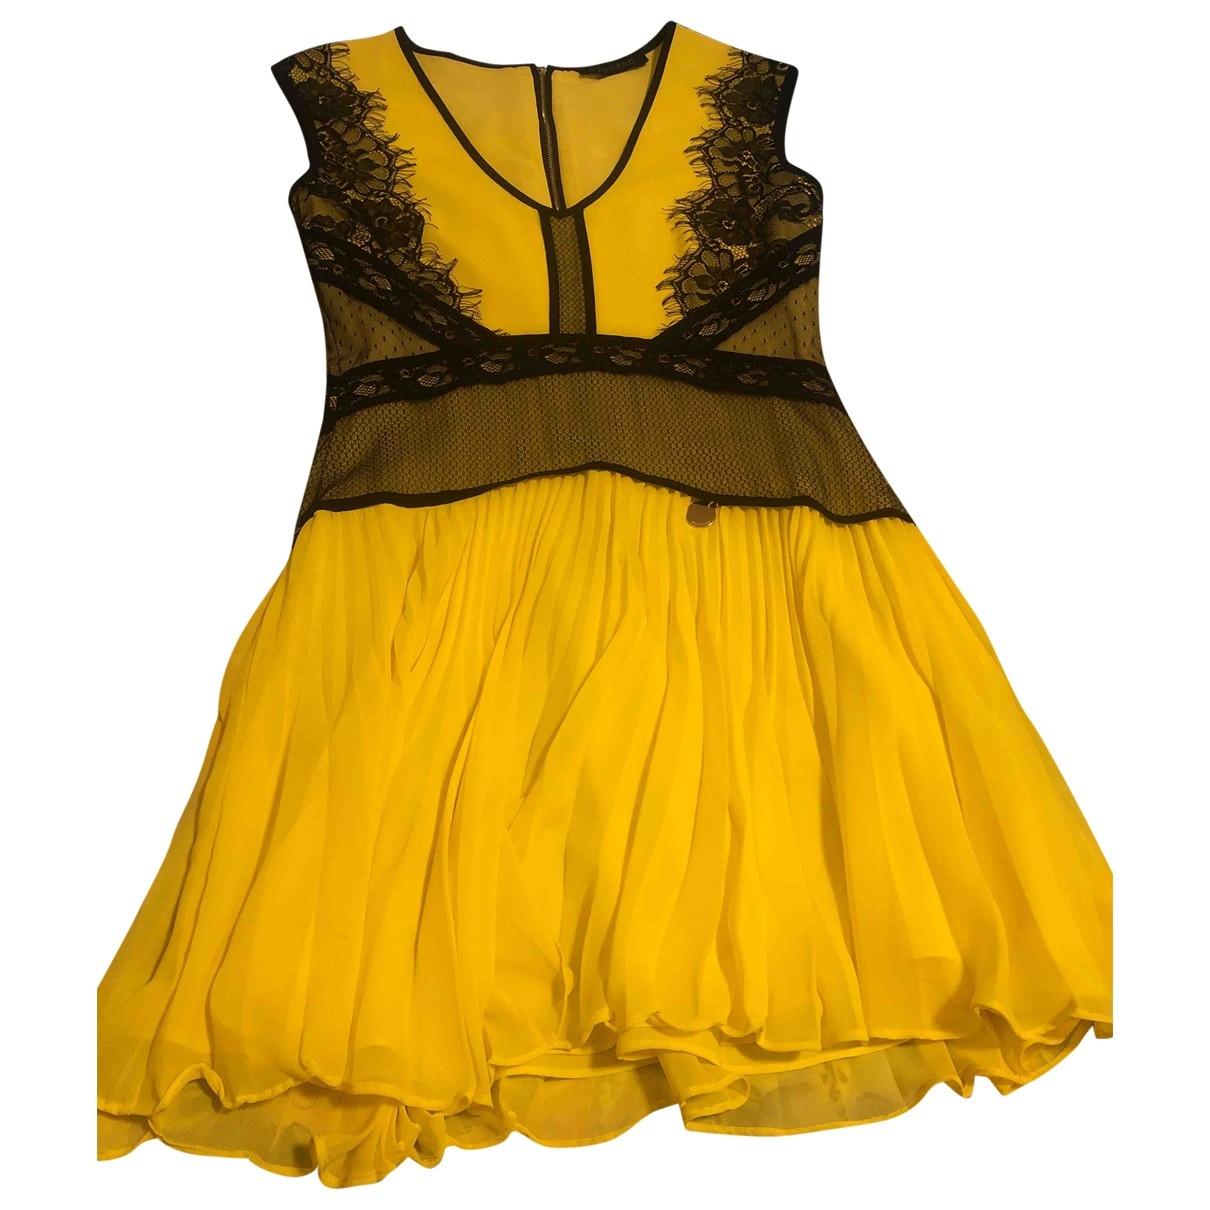 Mangano \N Kleid in  Gelb Polyester